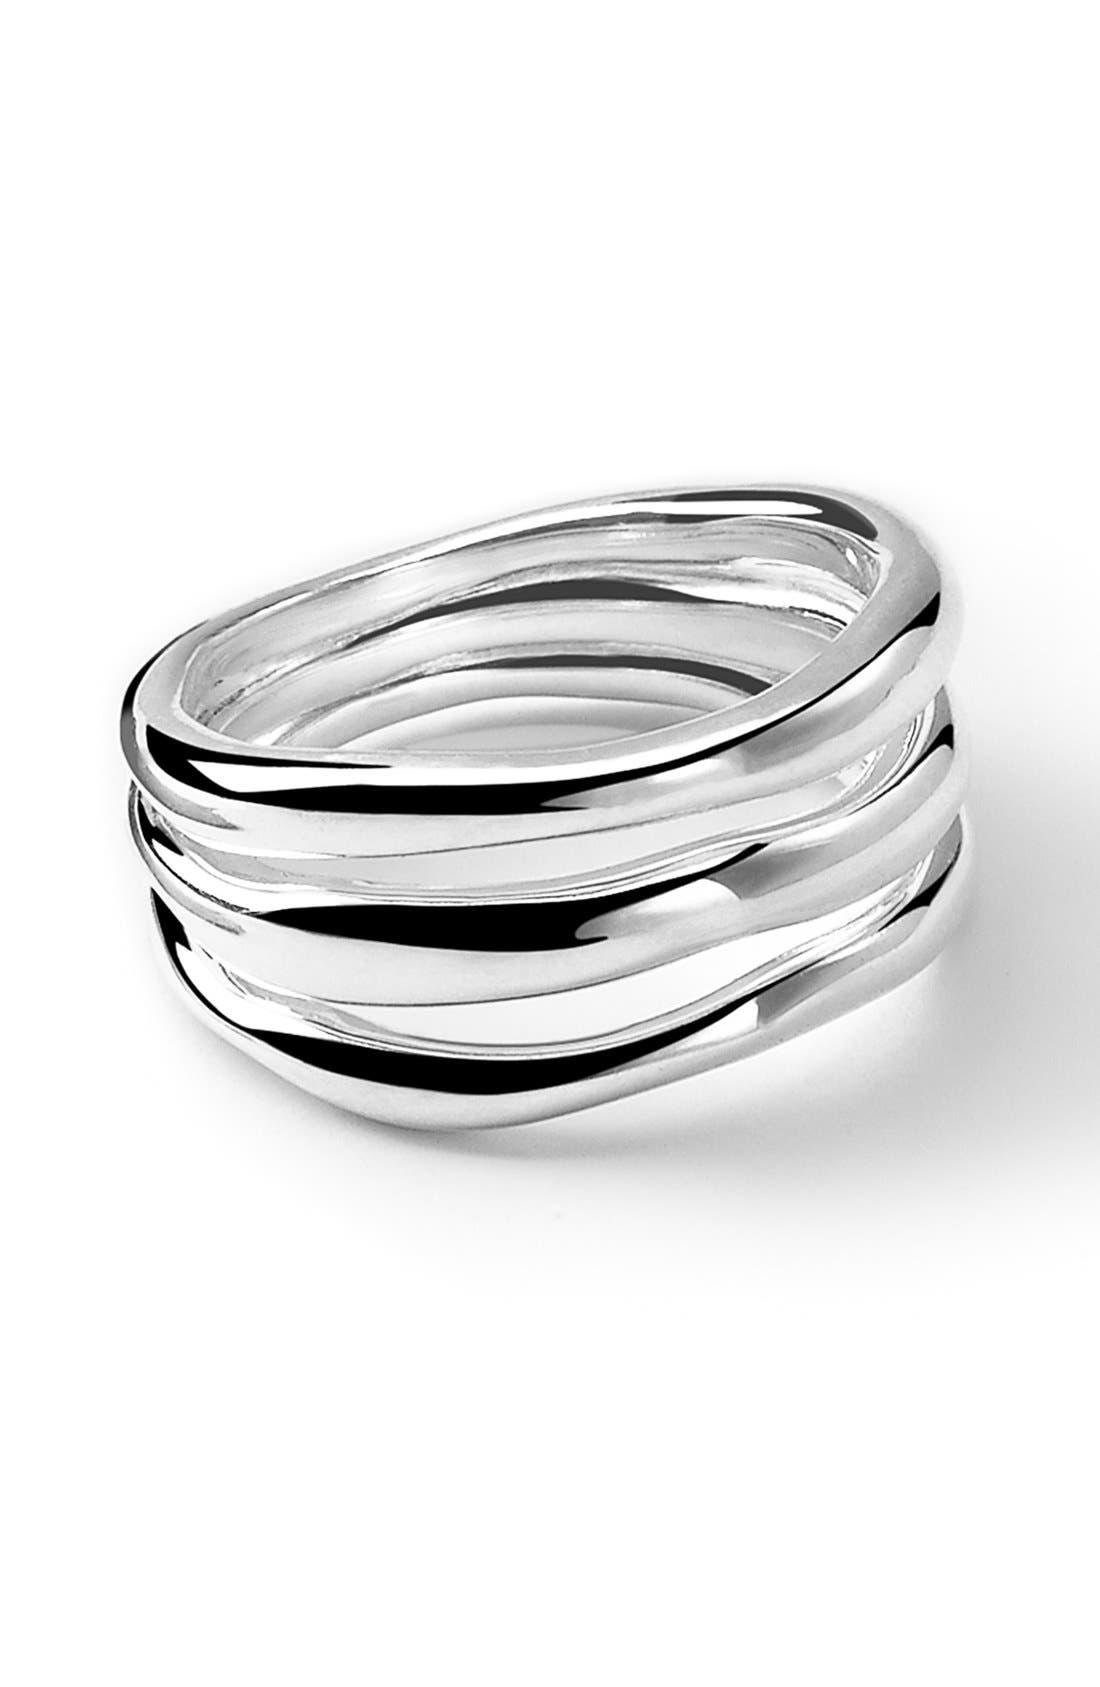 'Glamazon' Triple-Band Ring,                             Main thumbnail 1, color,                             Silver